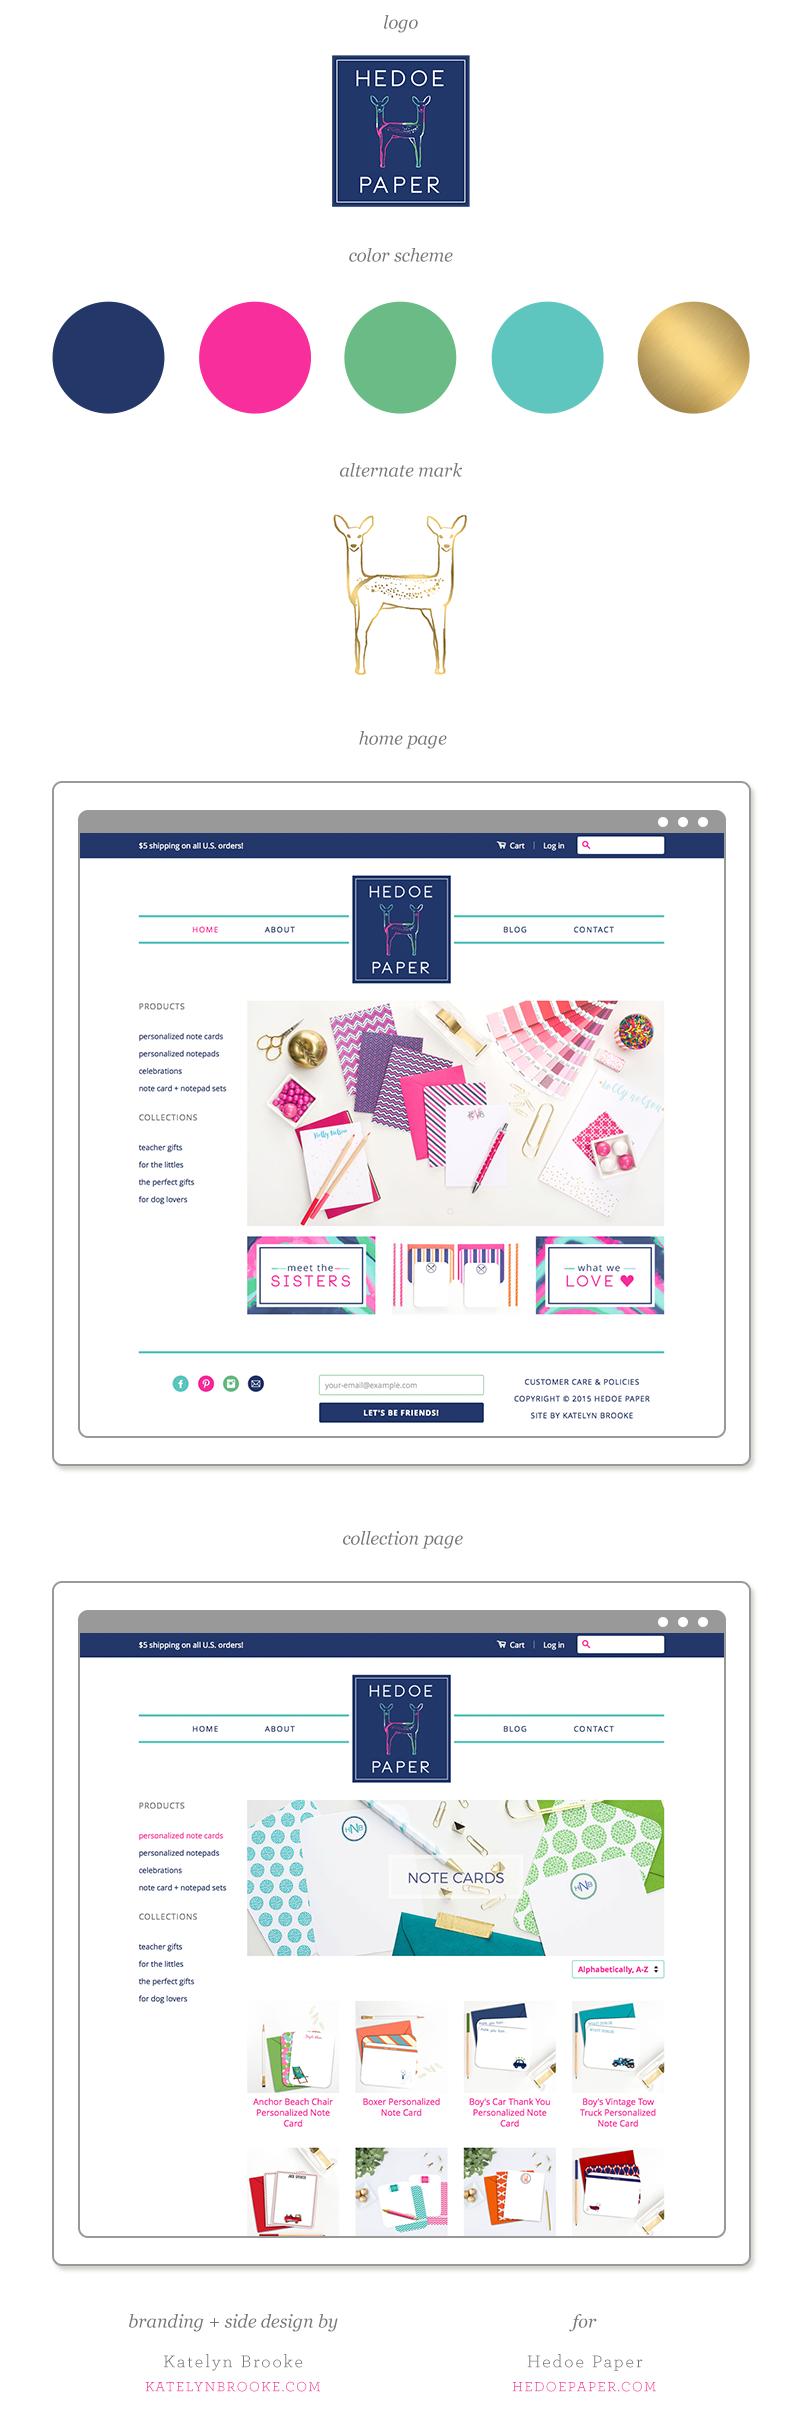 Branding and site design for Hedoe Paper by Katelyn Brooke || katelynbrooke.com